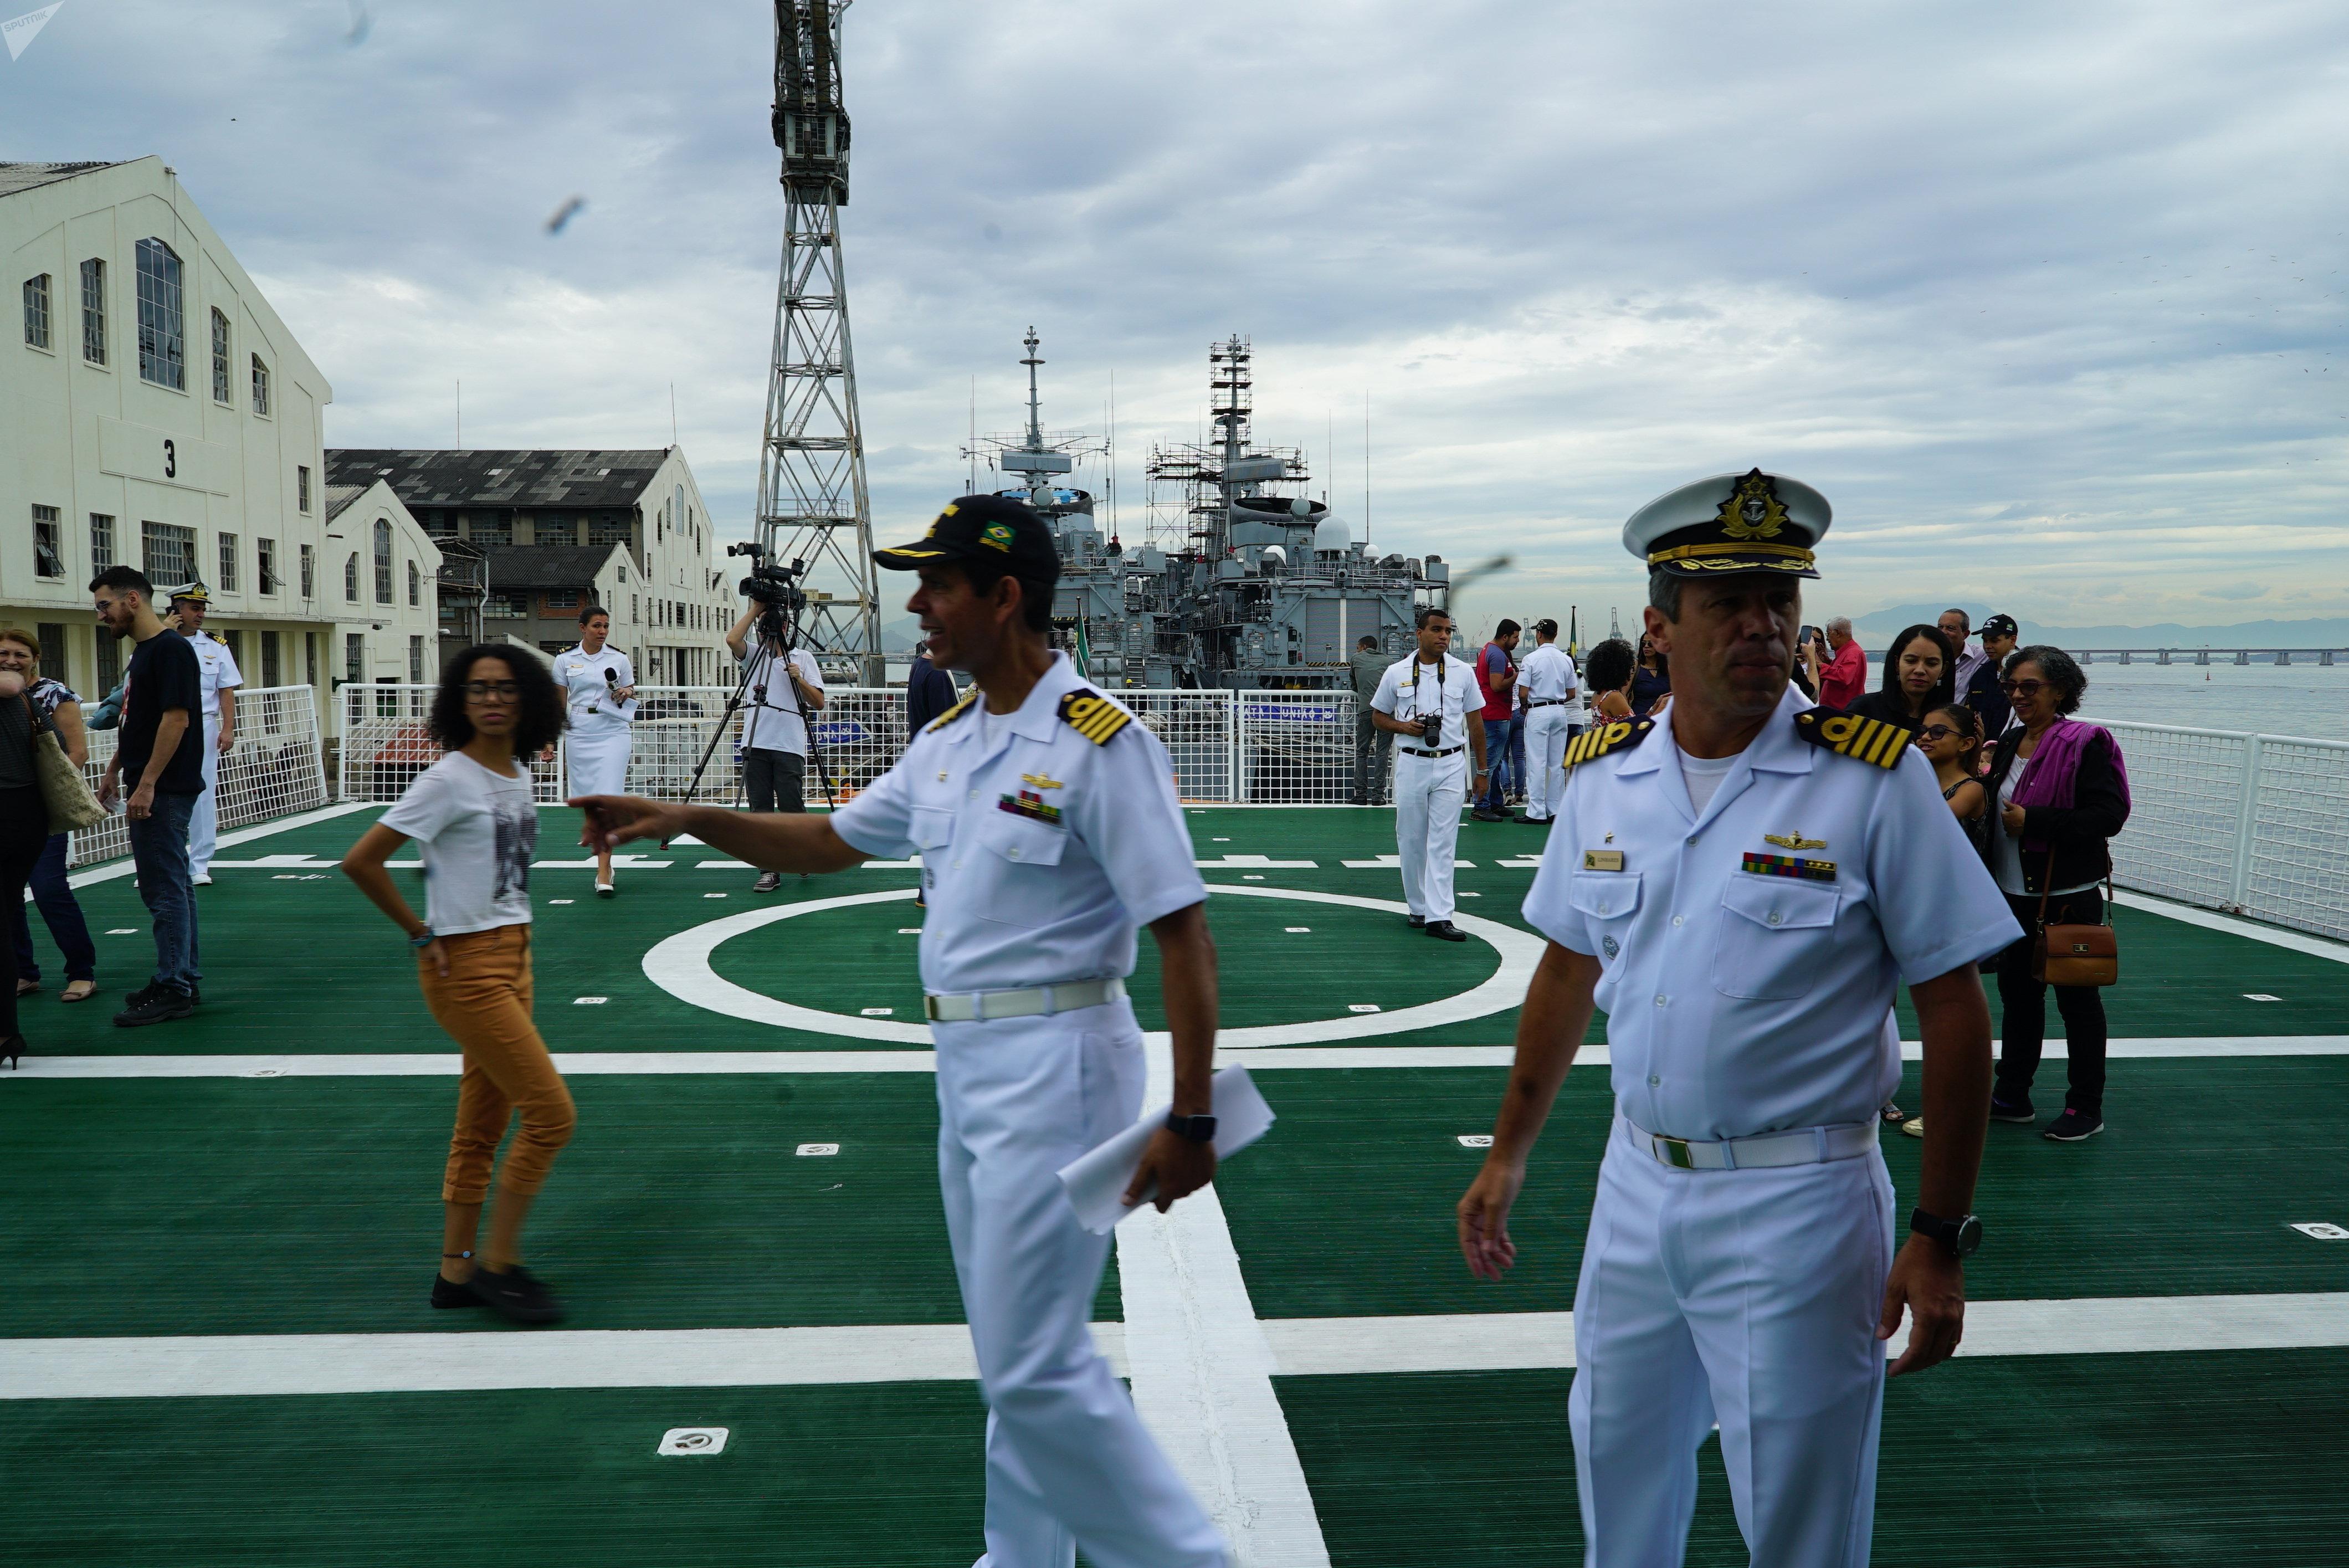 Capitão de mar e guerra Pedro Augusto Bittencourt Heine Filho (esquerda), no convés do navio polar Almirante Maximiano, no Arsenal de Marinha do Rio de Janeiro